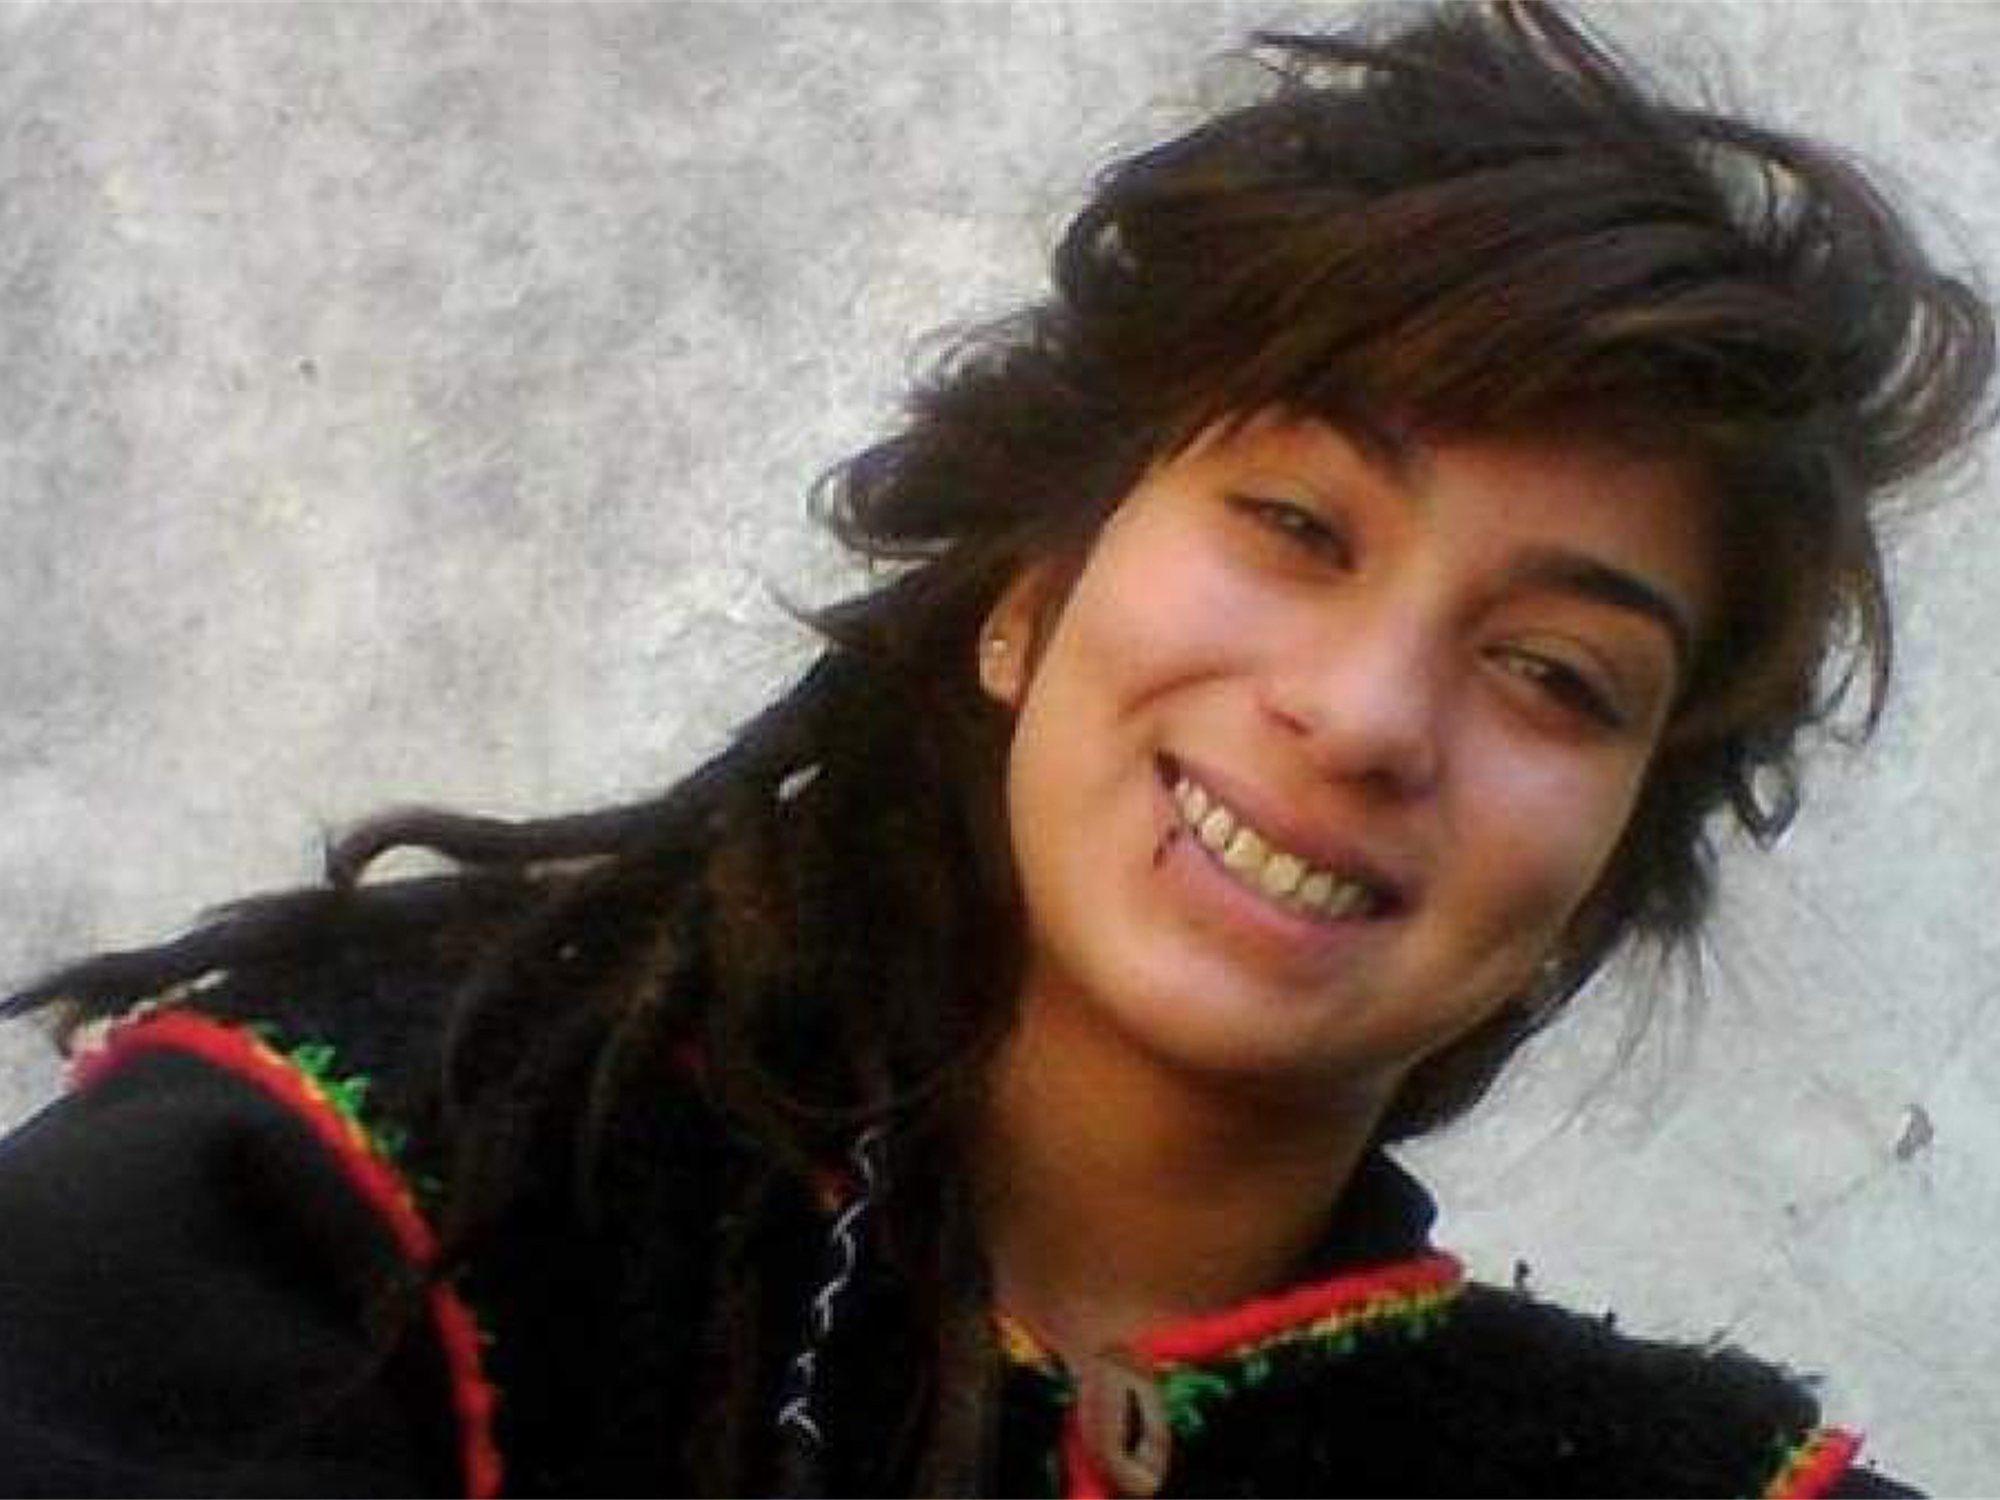 Lucía Pérez, drogada, violada y empalada hasta la muerte: investigan a los jueces que absolvieron a los agresores